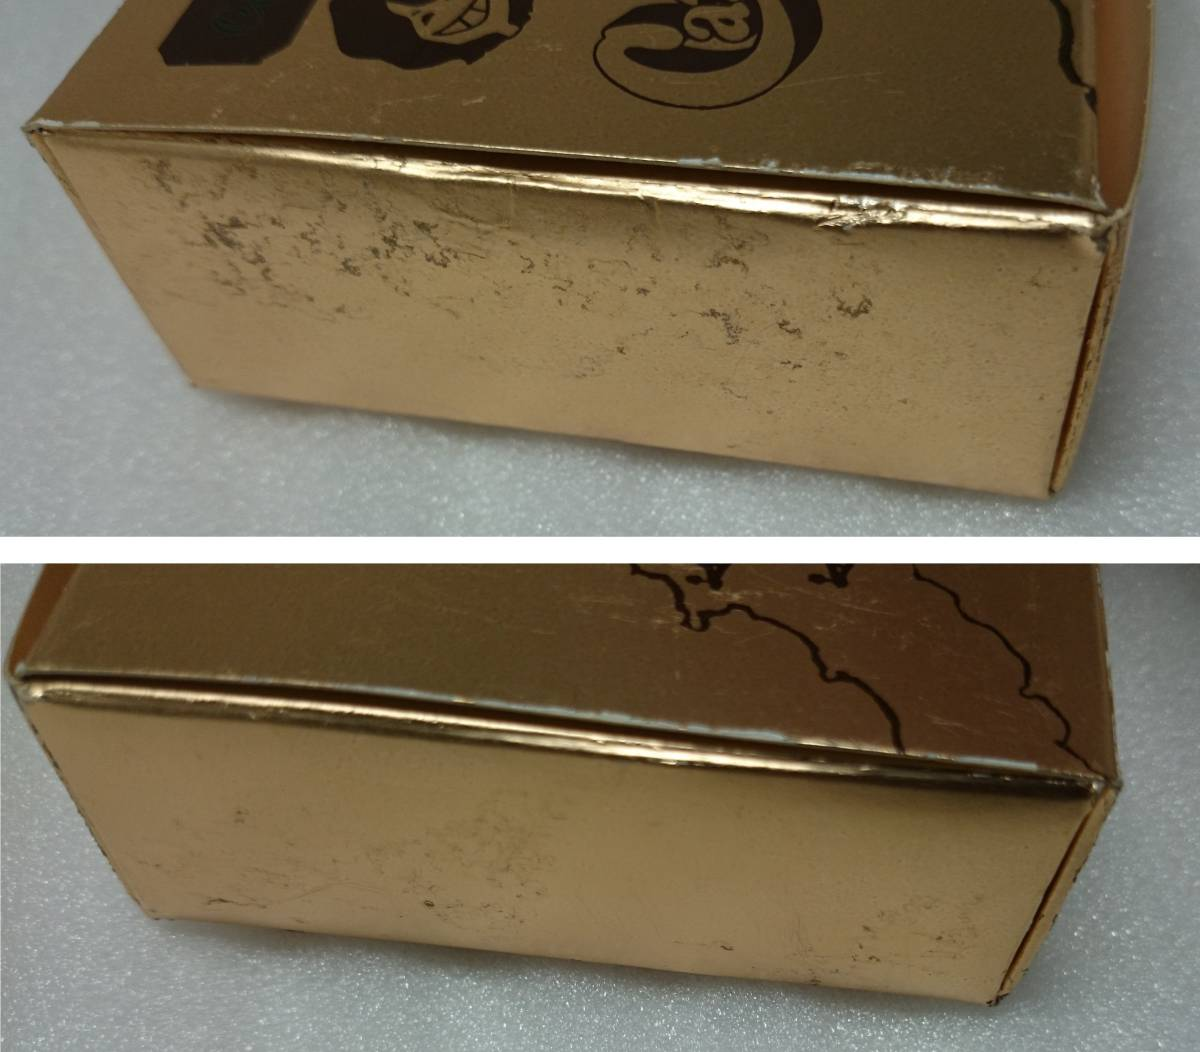 キャンディーズ ファンの集い?椿山荘フルーツケーキ空箱 と アイドルハウスのマッチ3個_画像6